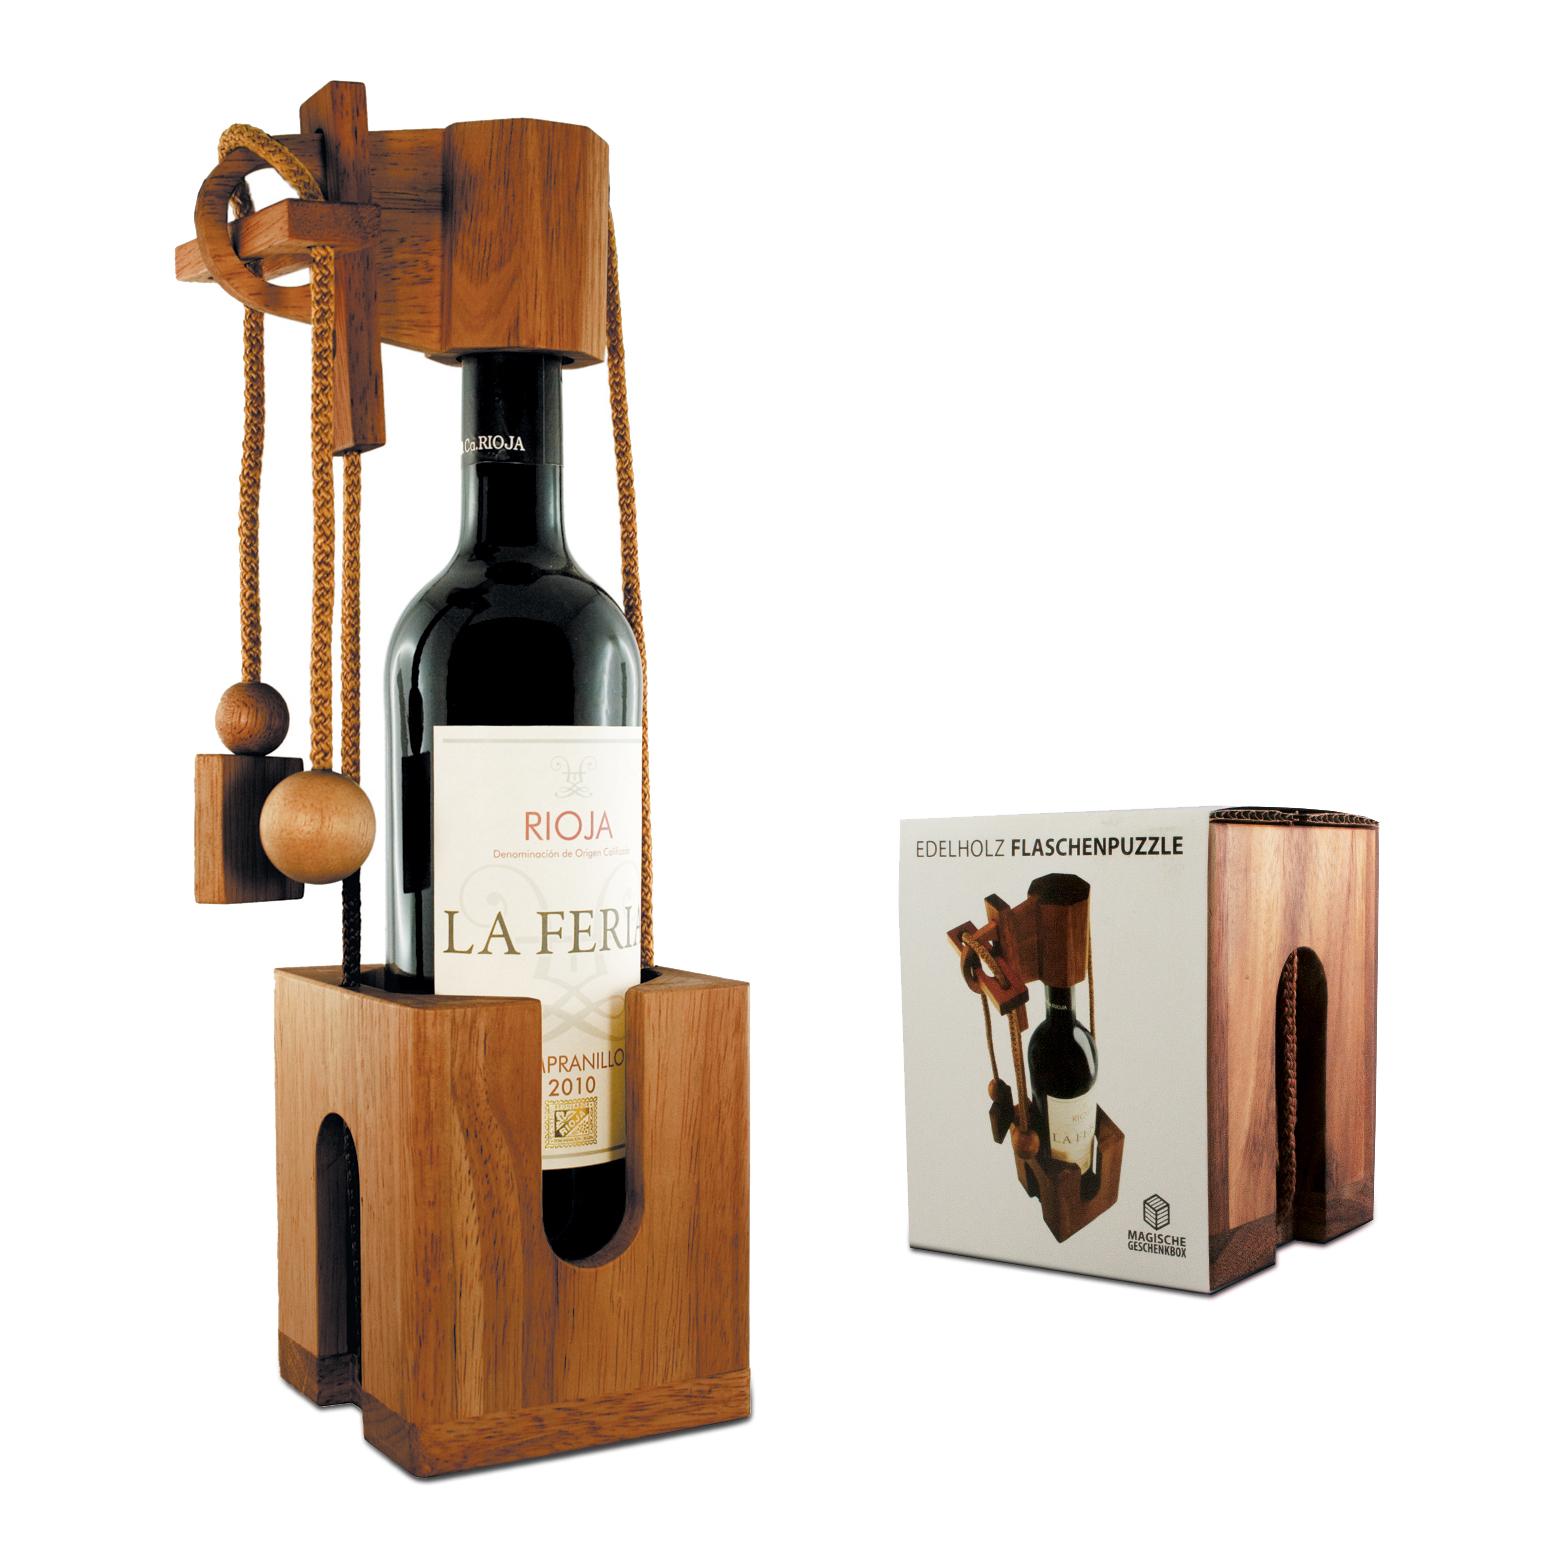 Edelholz Flaschenpuzzle aus dunklem Holz